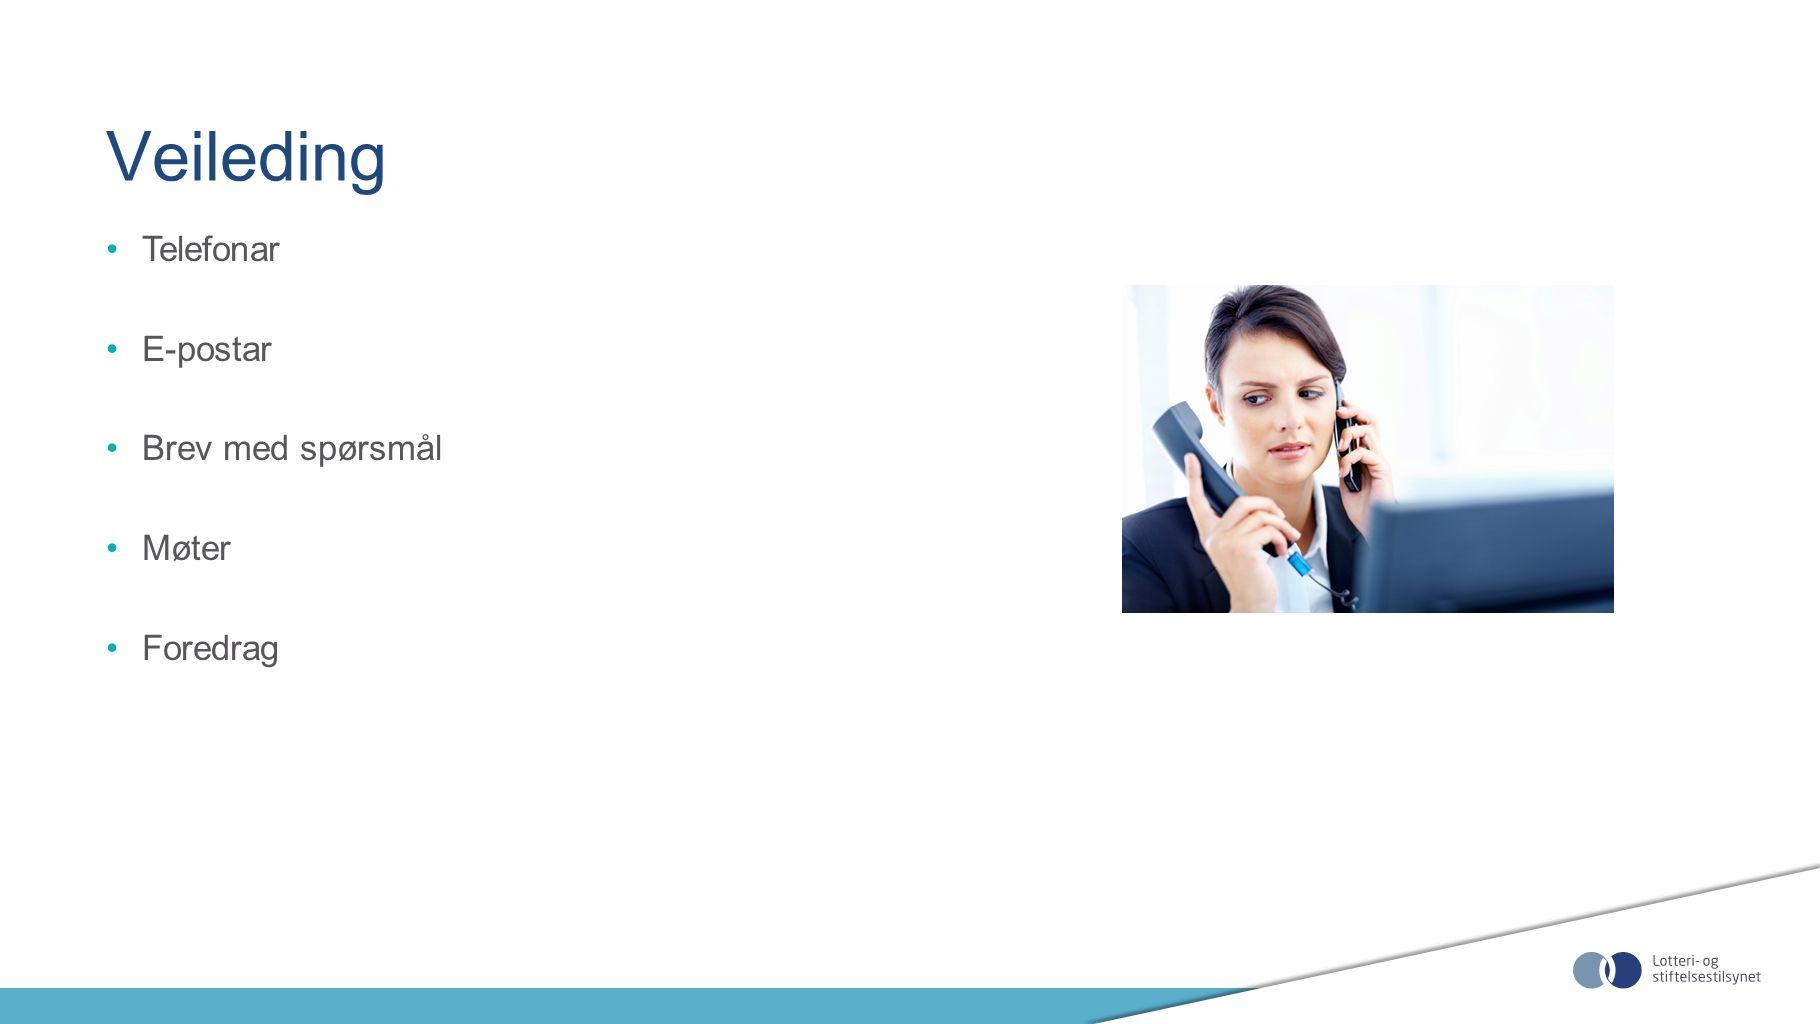 Telefonar E-postar Brev med spørsmål Møter Foredrag Veileding